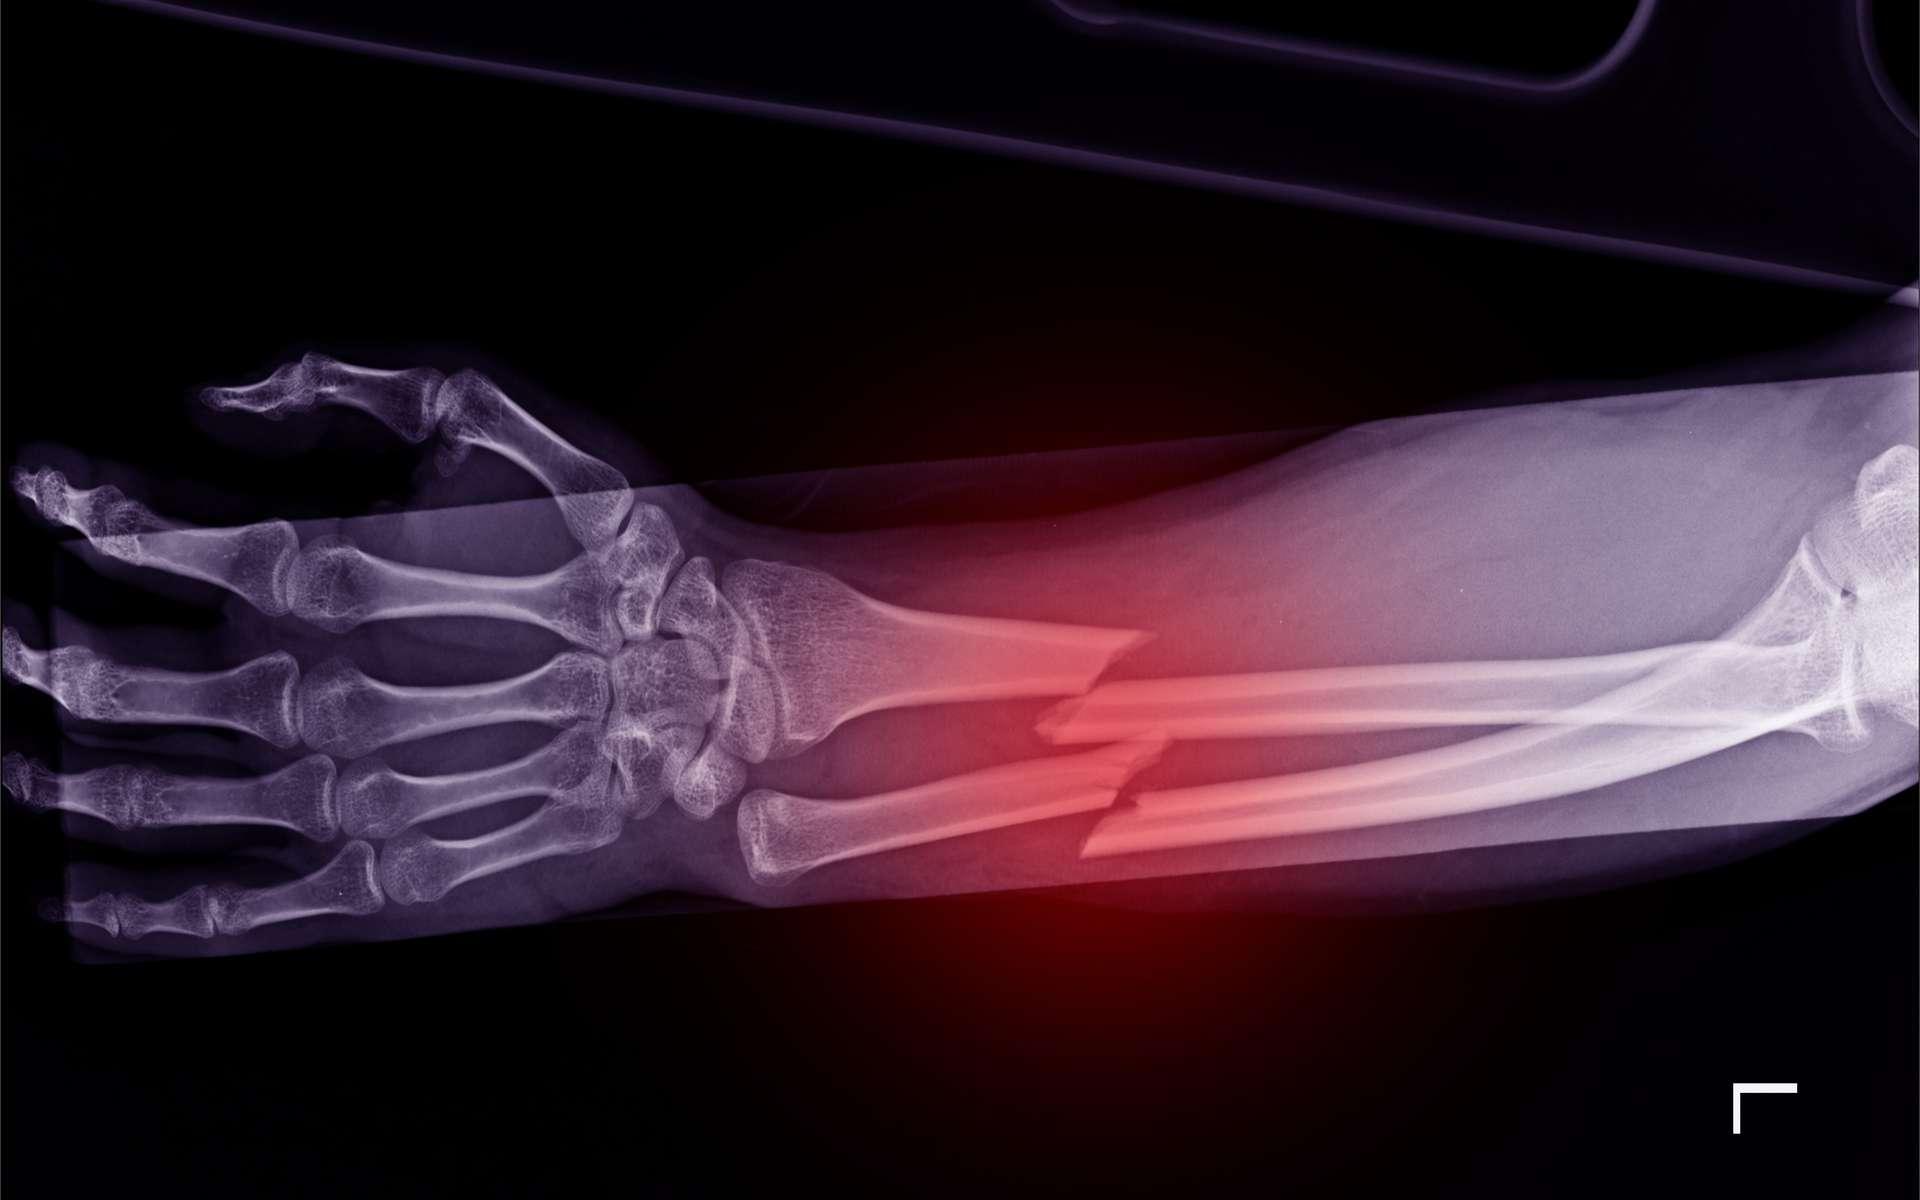 Les personnes qui ne mangent pas de viande sont plus à risque de faire des fractures osseuses. © Richman Photo